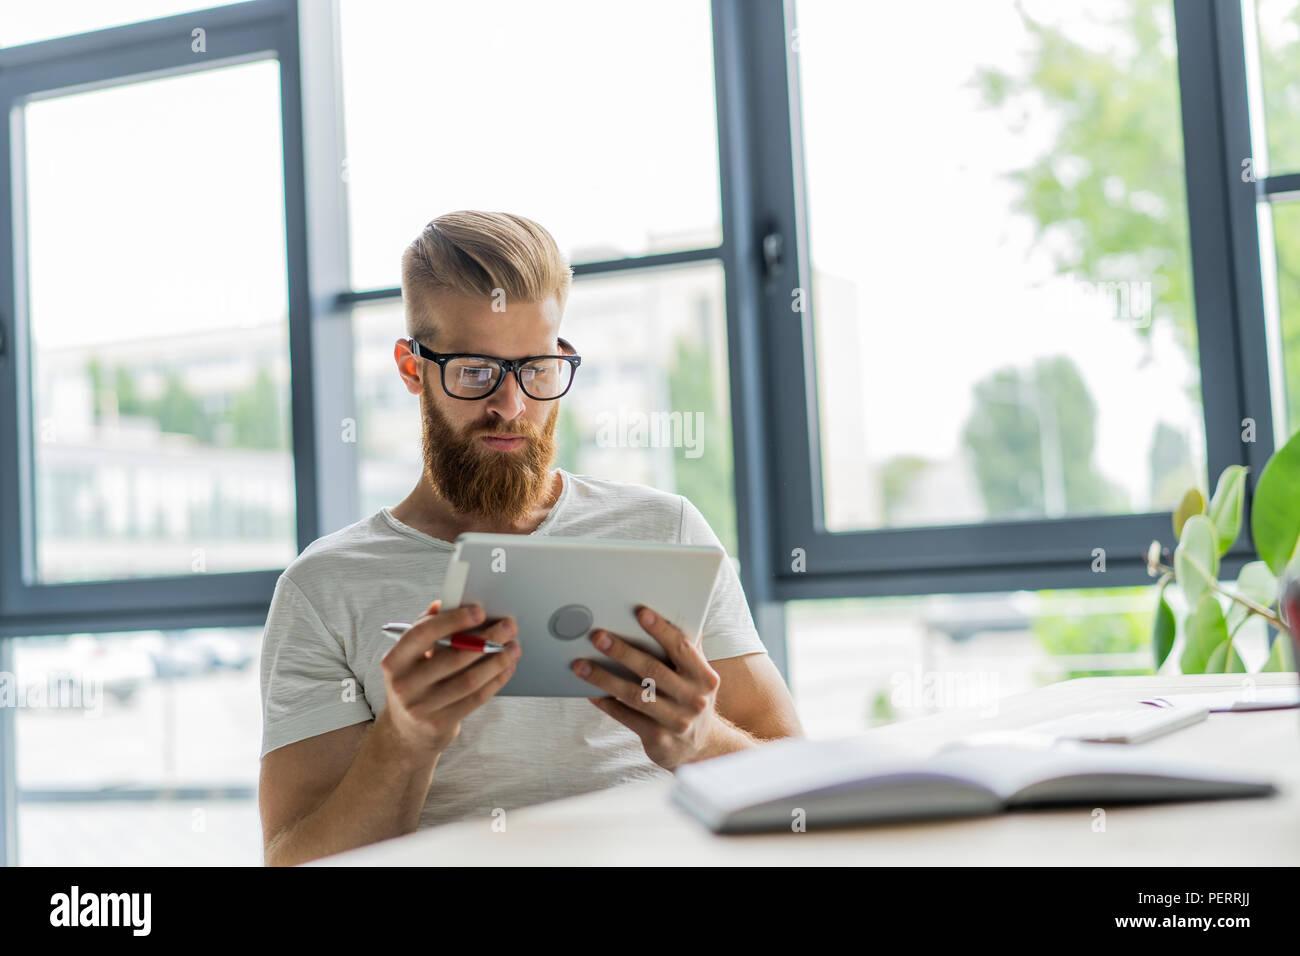 La multitarea. Apuesto joven con gafas y trabajando con touchpad mientras estaba sentado en el sofá en la oficina Imagen De Stock